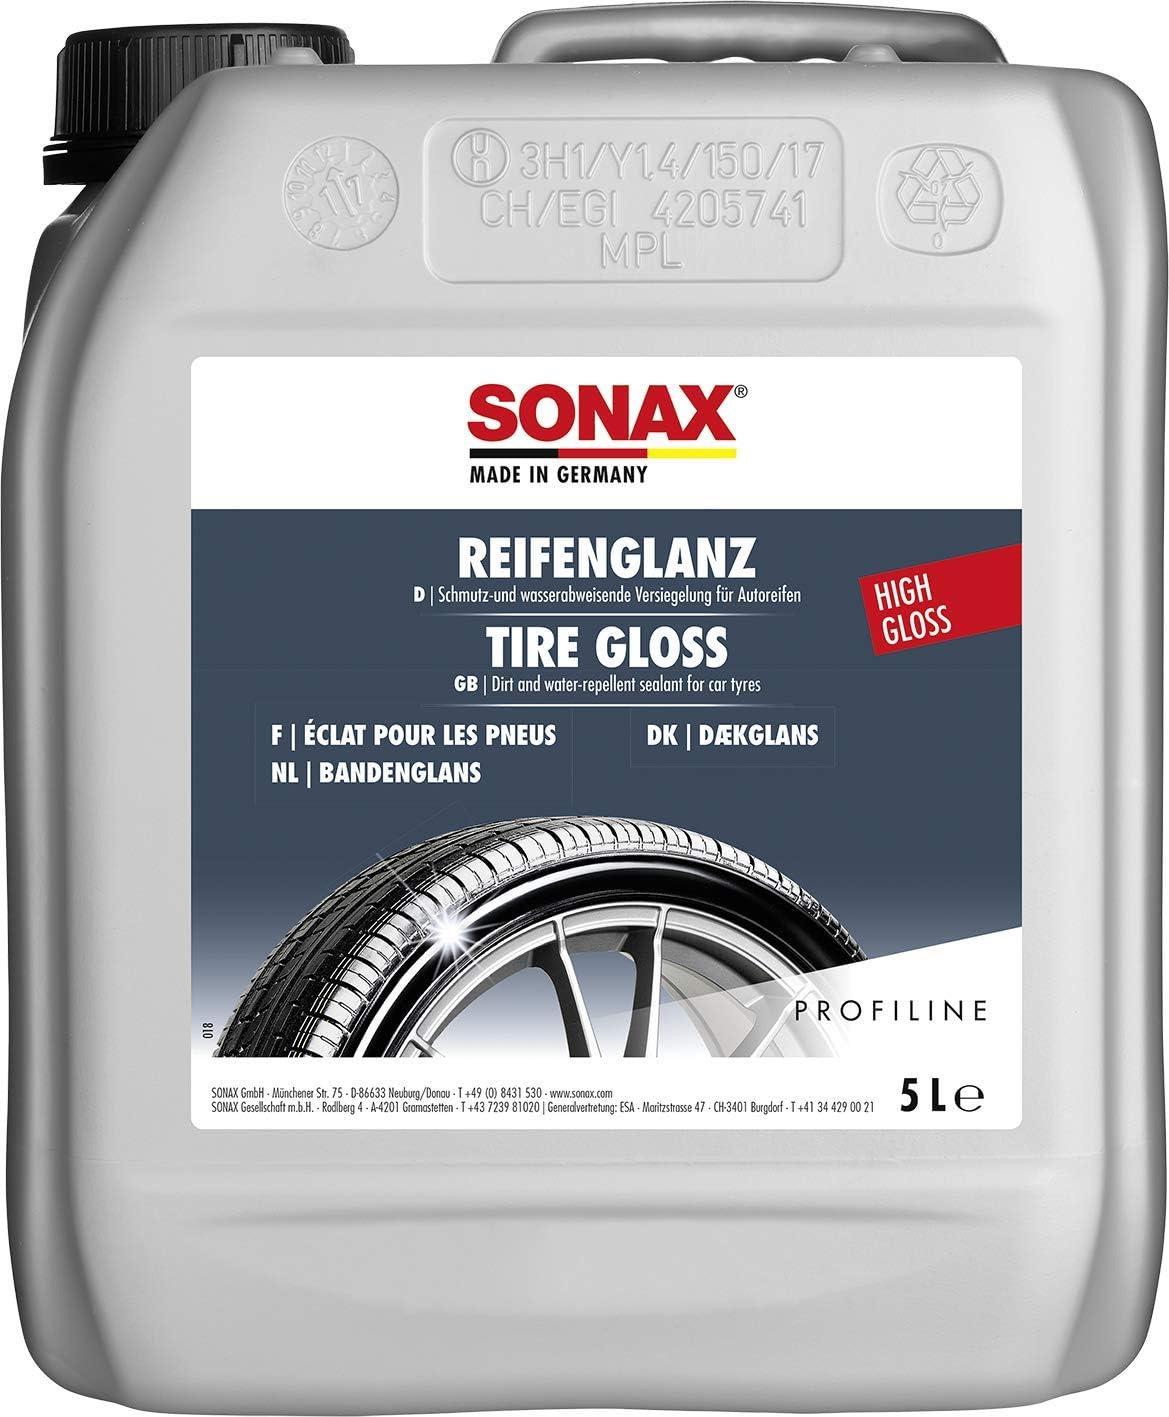 Sonax Profiline Reifenglanz 5 Liter Bringt Bei Verwitterung Die Satte Farbe Zurück Und Sorgt Für Perfekten Glanz Art Nr 02355000 Auto